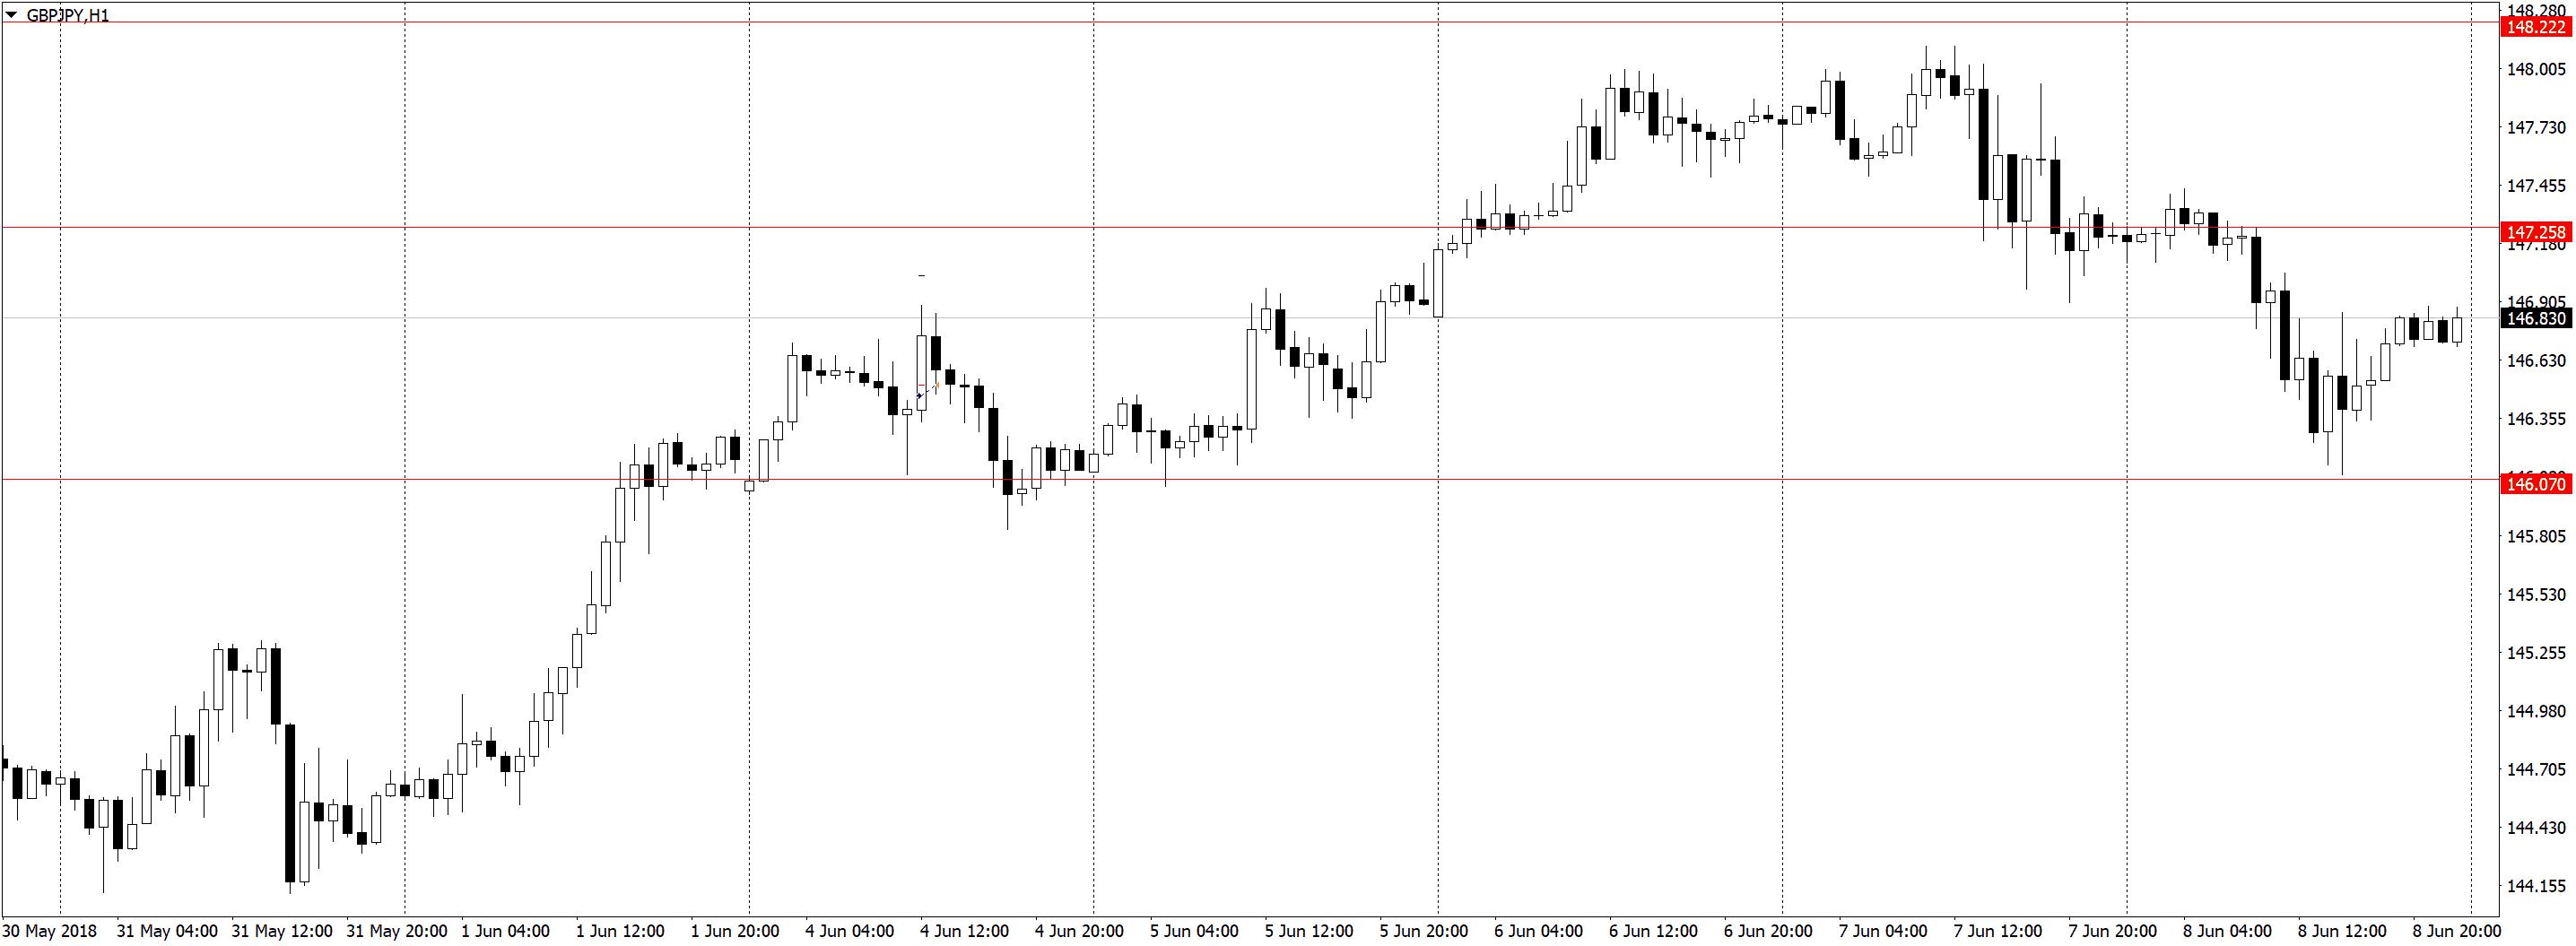 GBPJPYH1 Торговля по H1, трейдинг в удовольствие, три состояния рынка